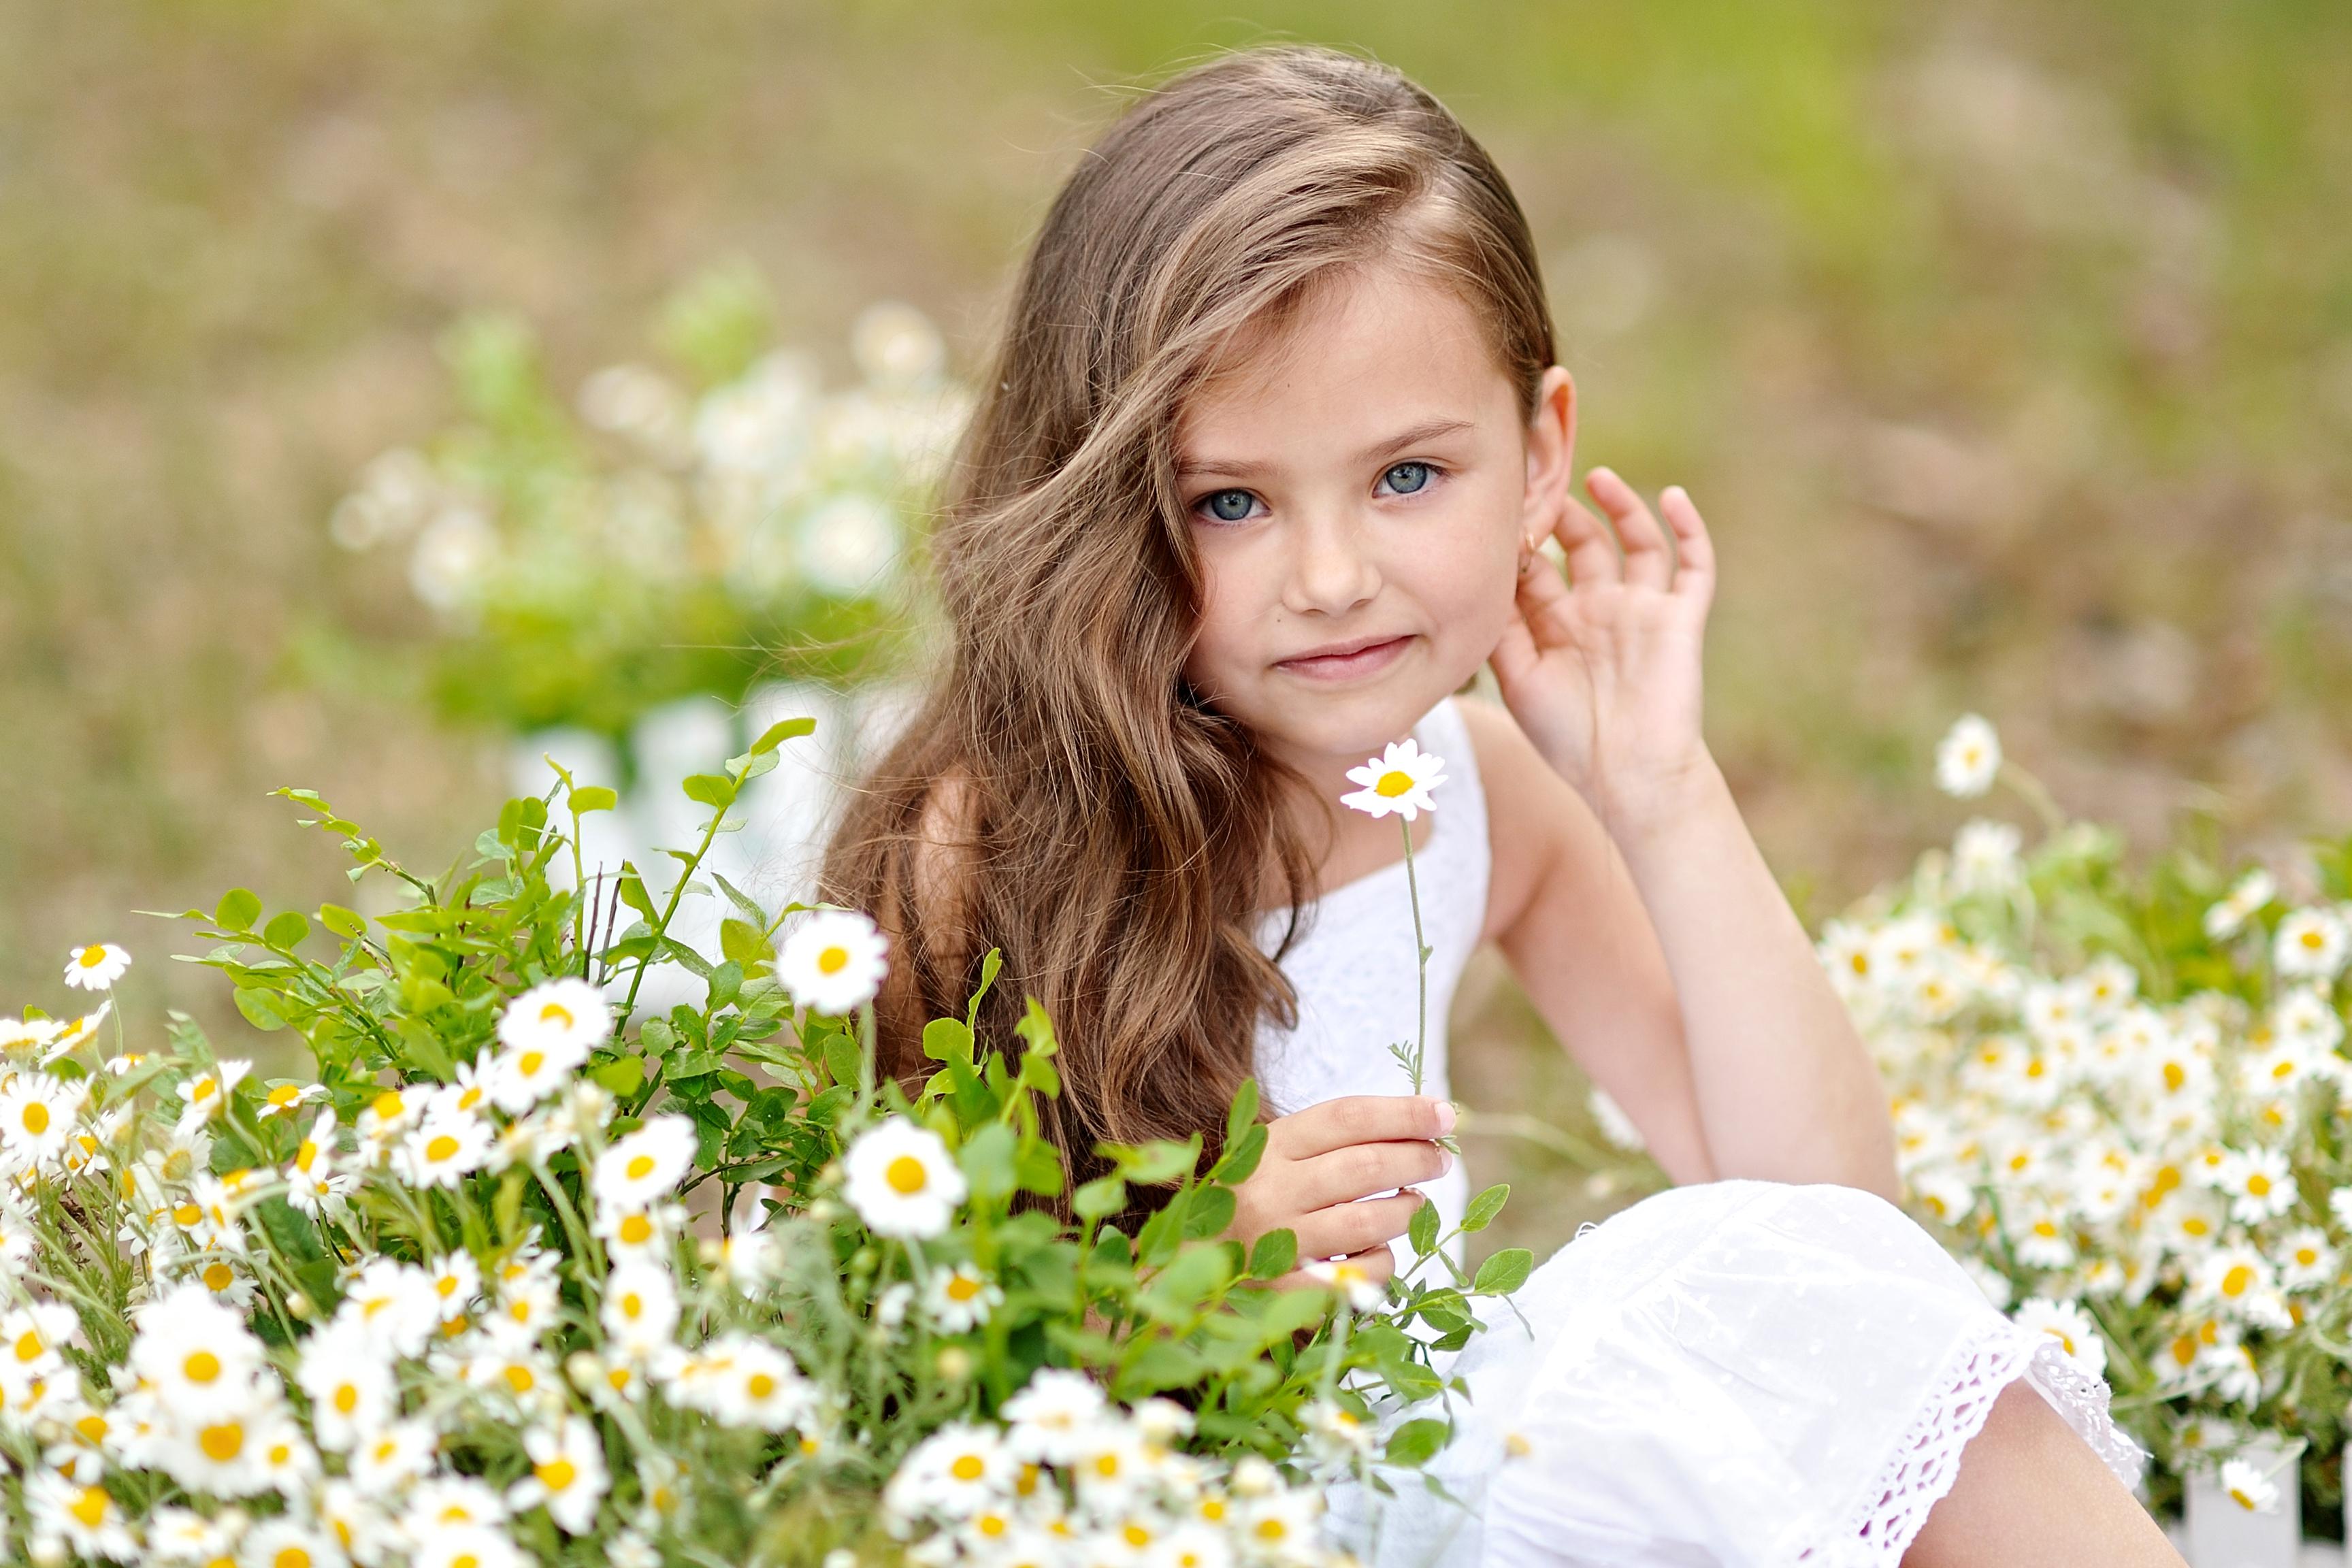 Если снится маленькая девочка на руках, и при этом она счастливо улыбается либо смеется – никакие трудности не помешают успеху вашего дела.